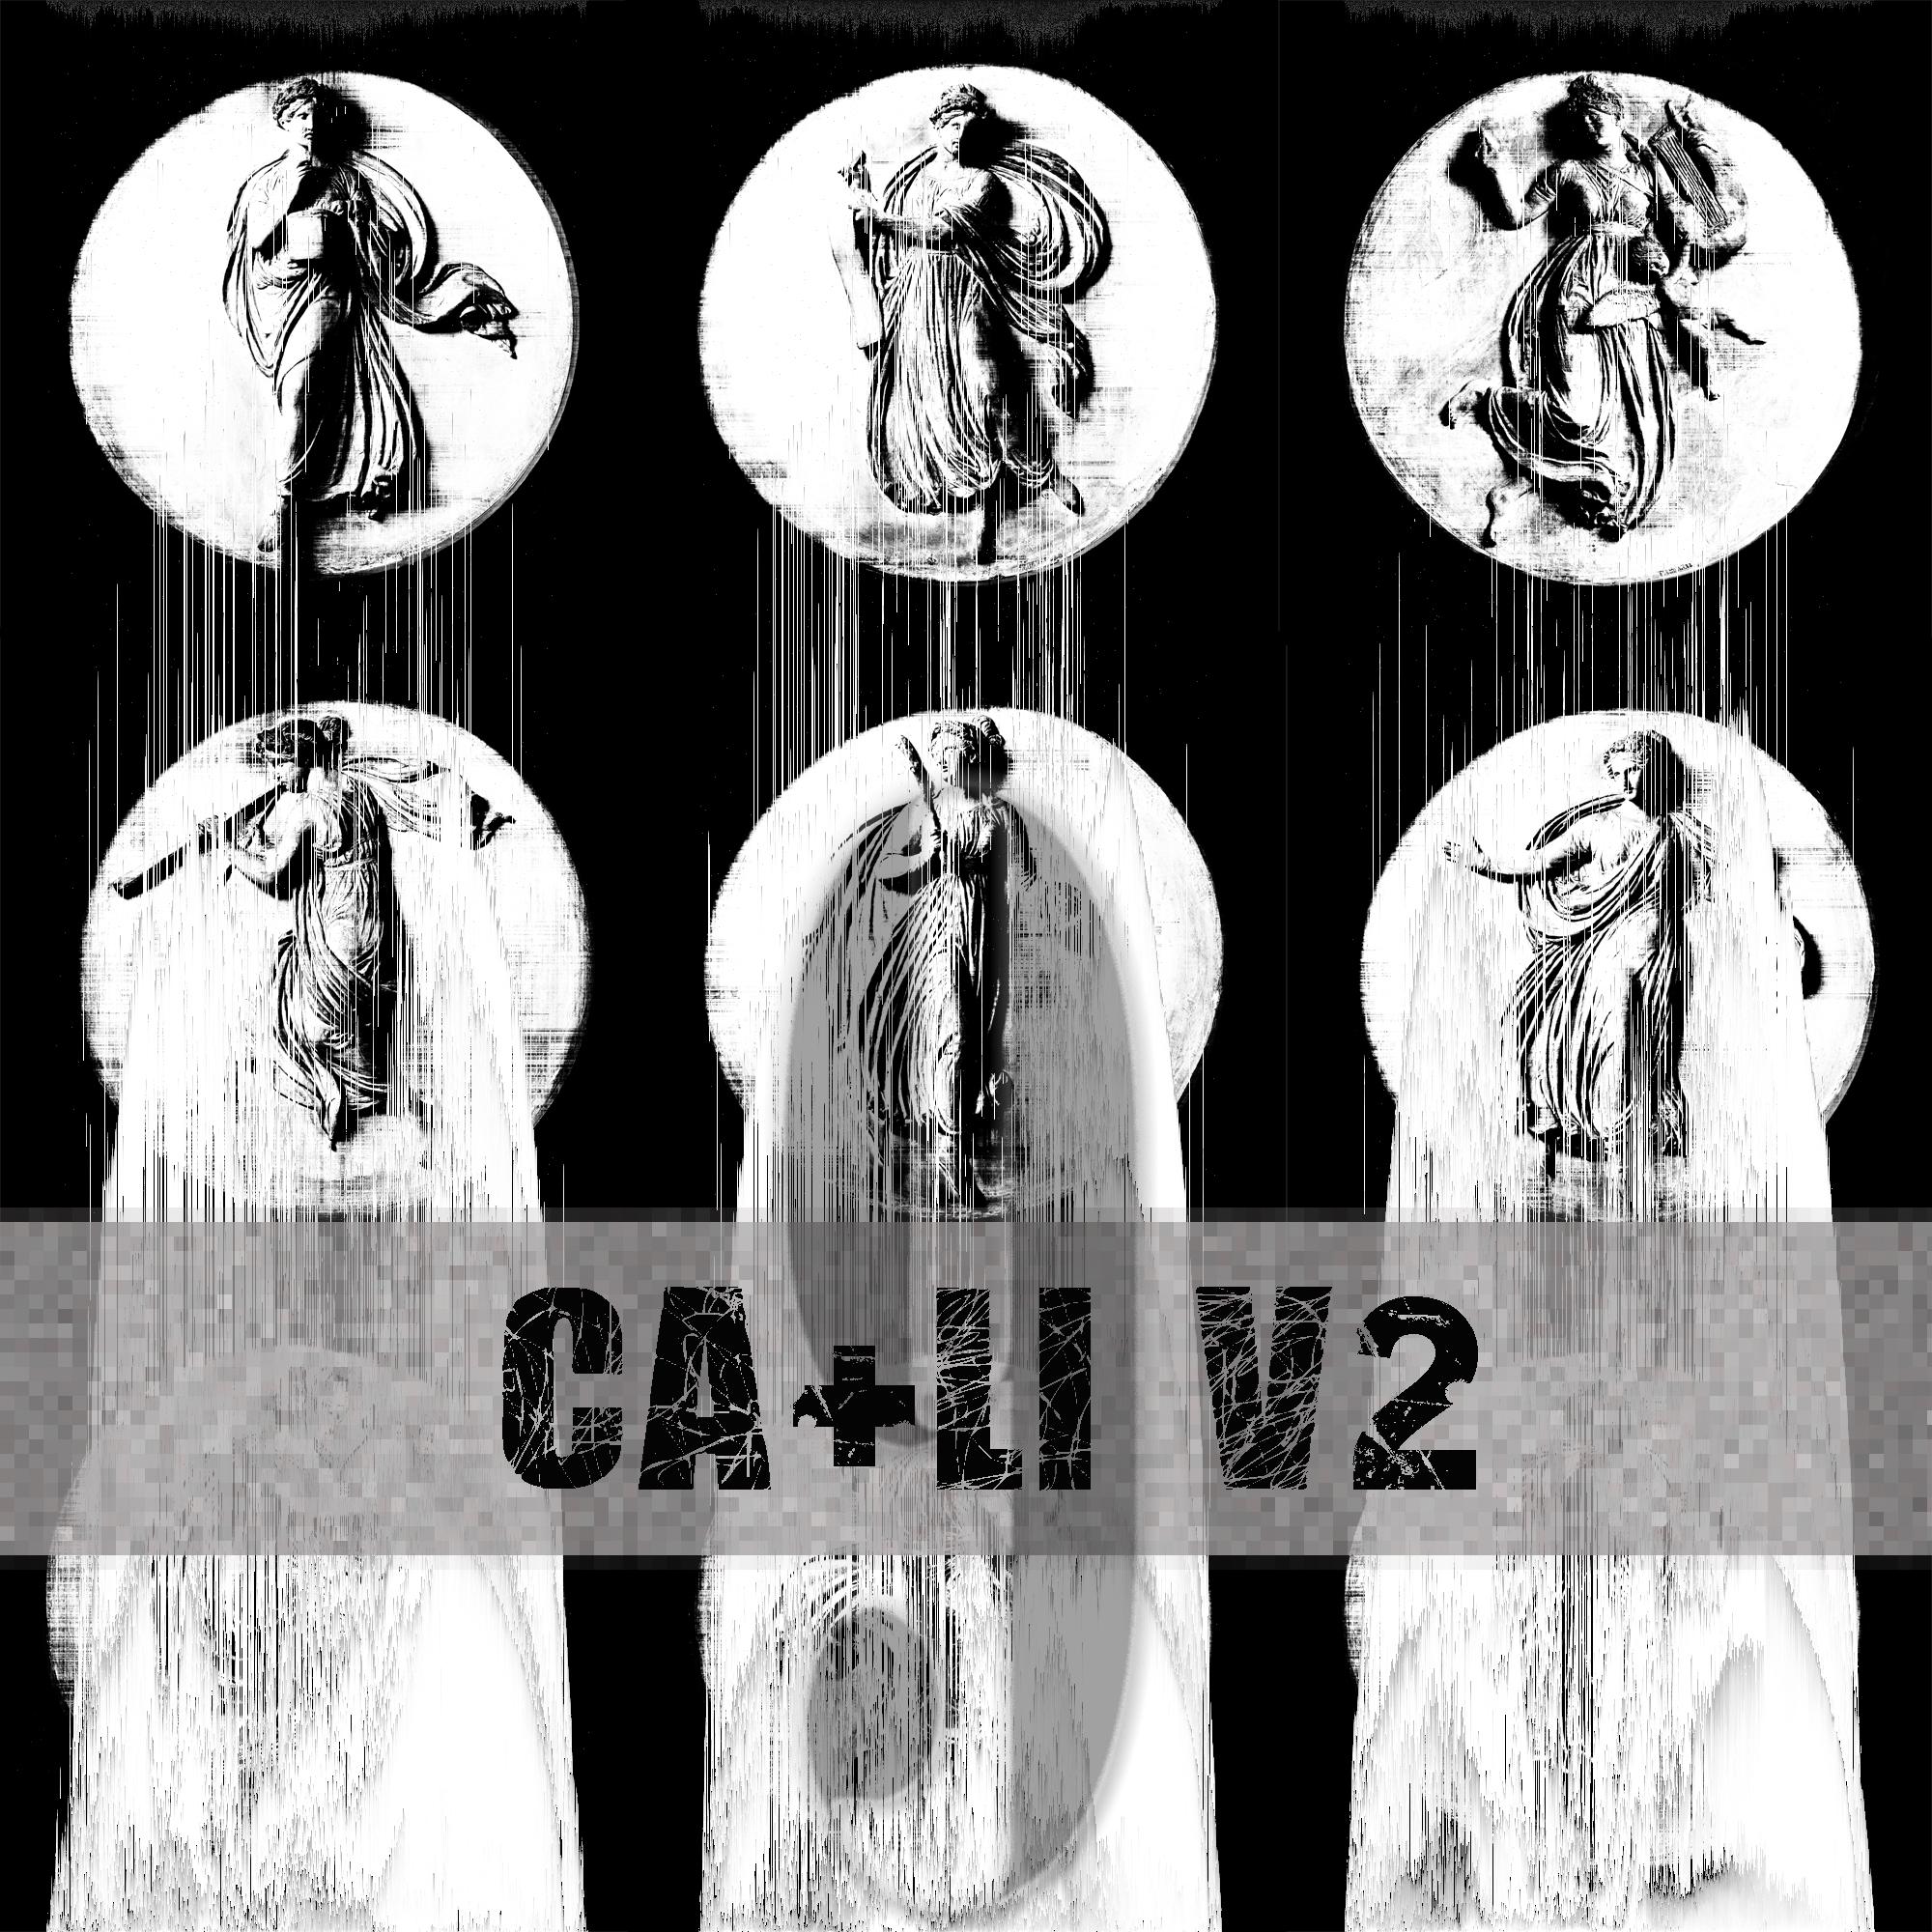 Ca + Li 9